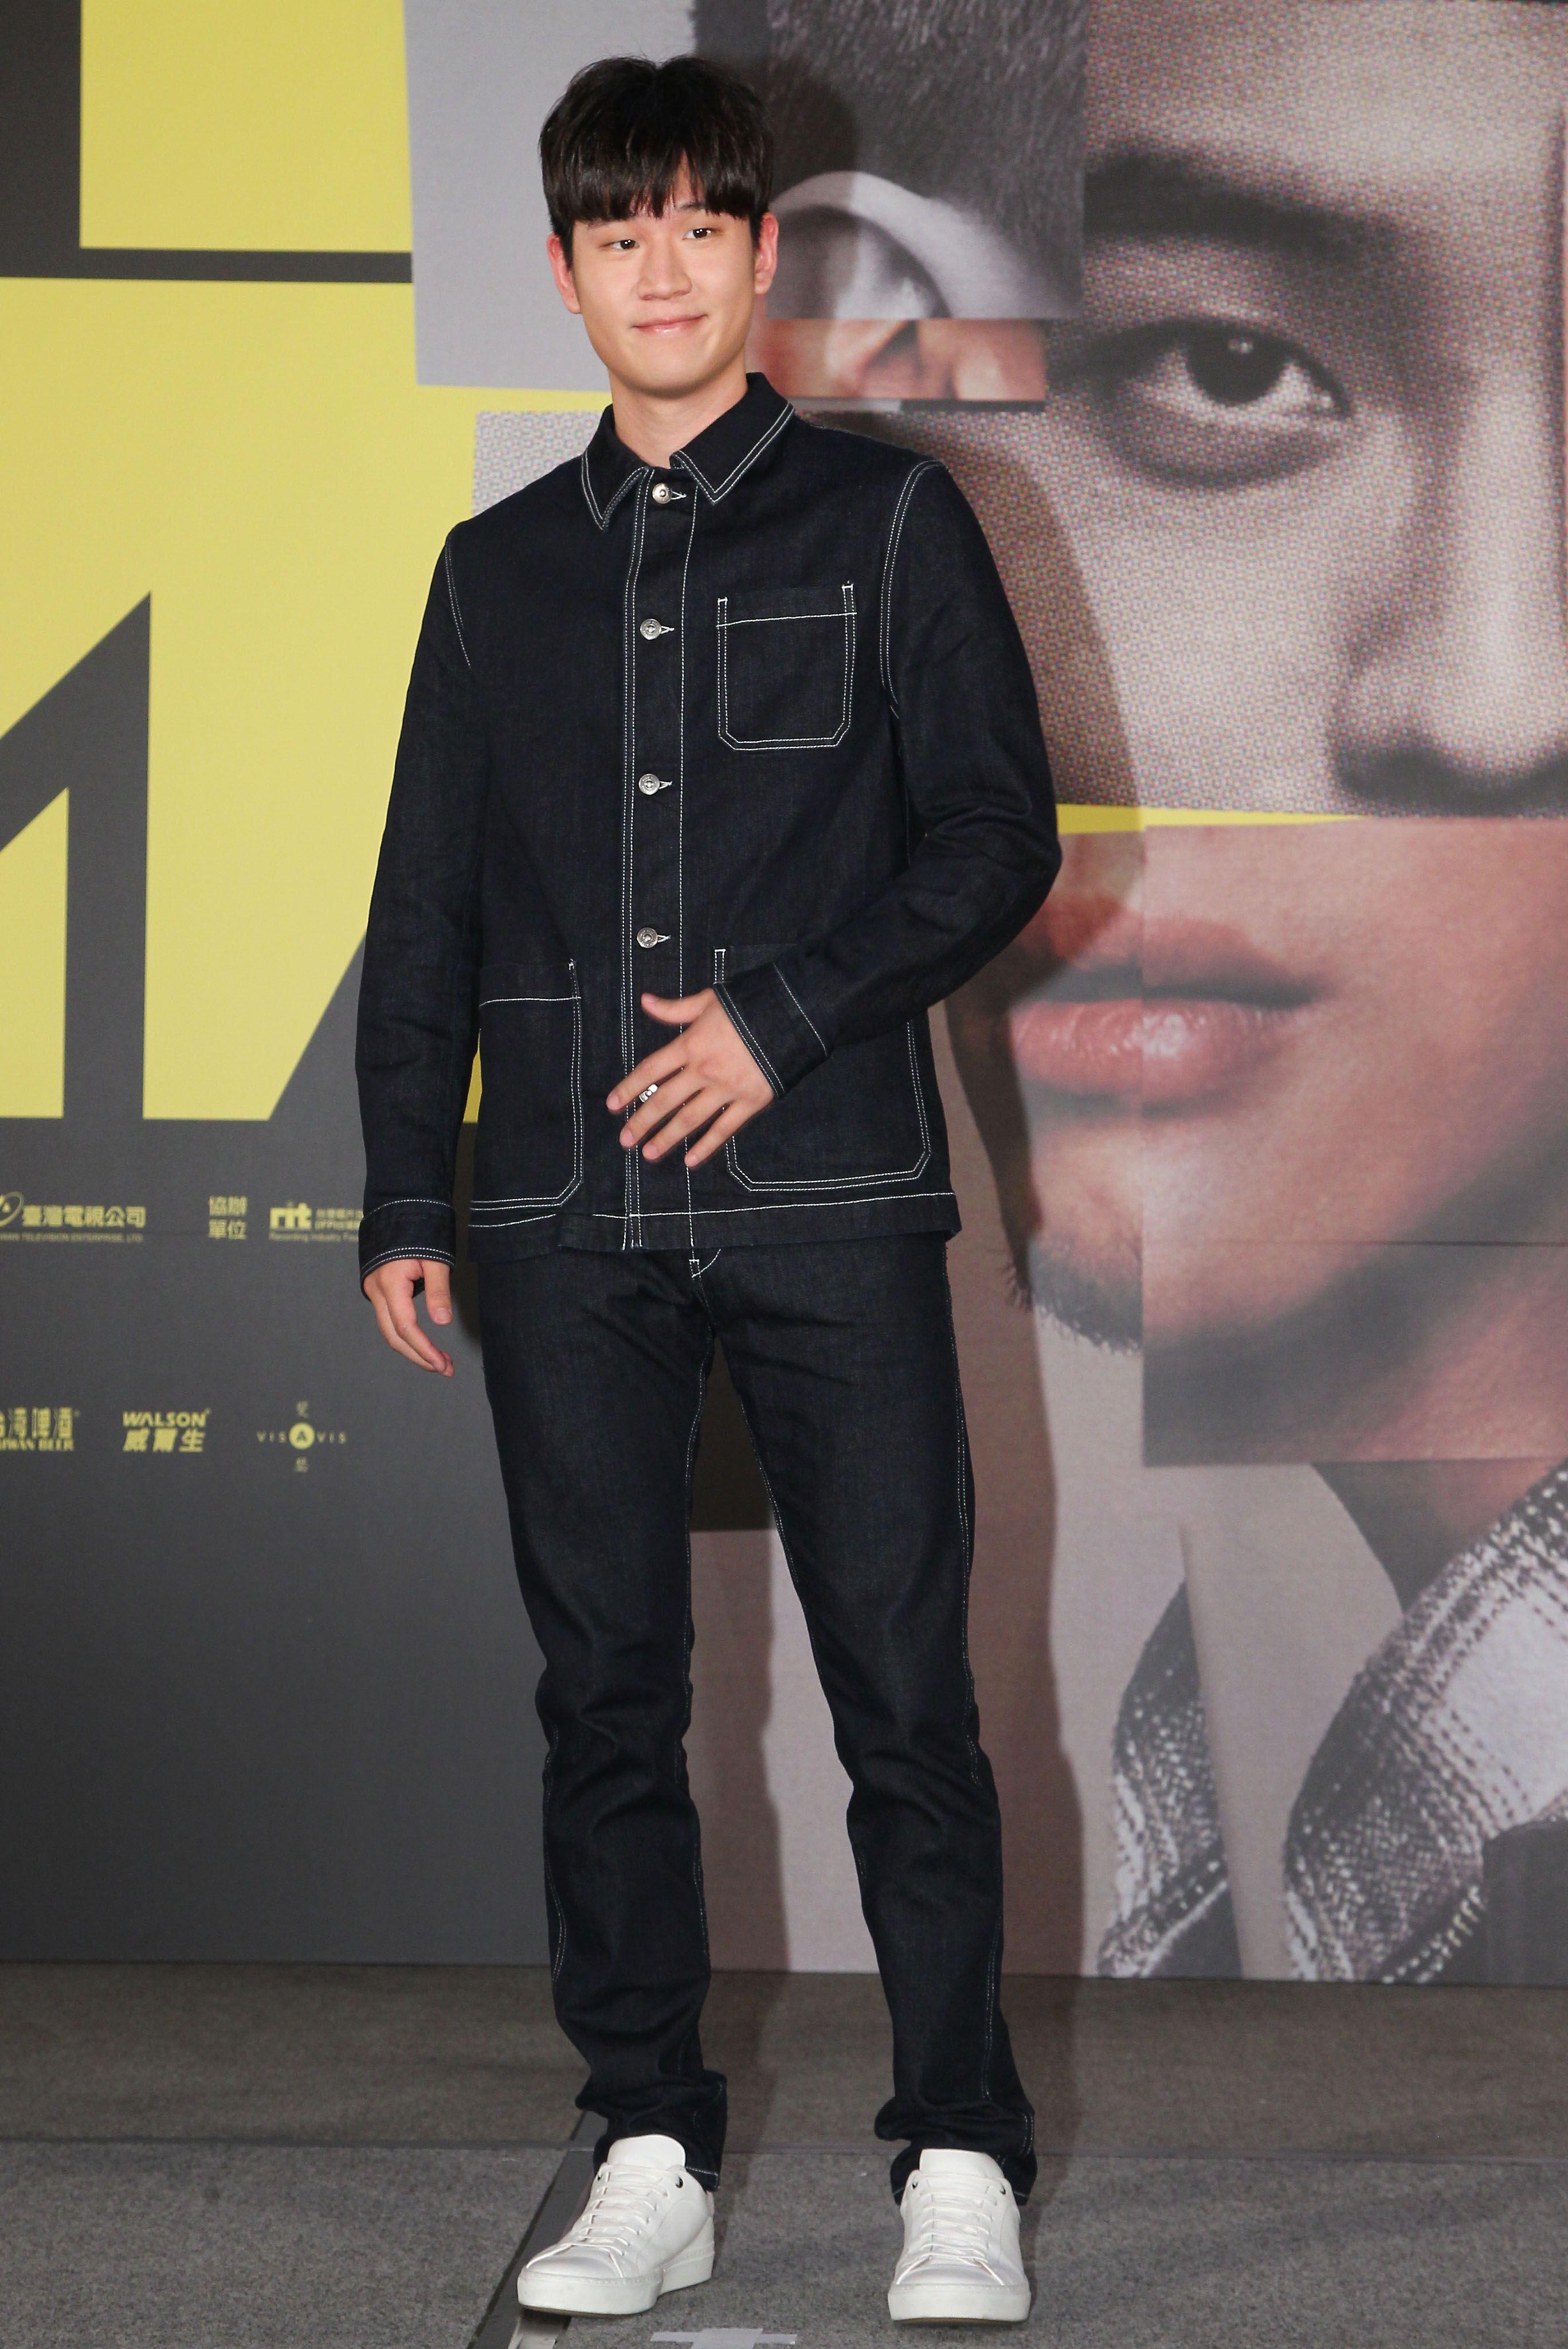 周興哲公佈「第29屆金曲獎入圍名單」。(記者邱榮吉/攝影)